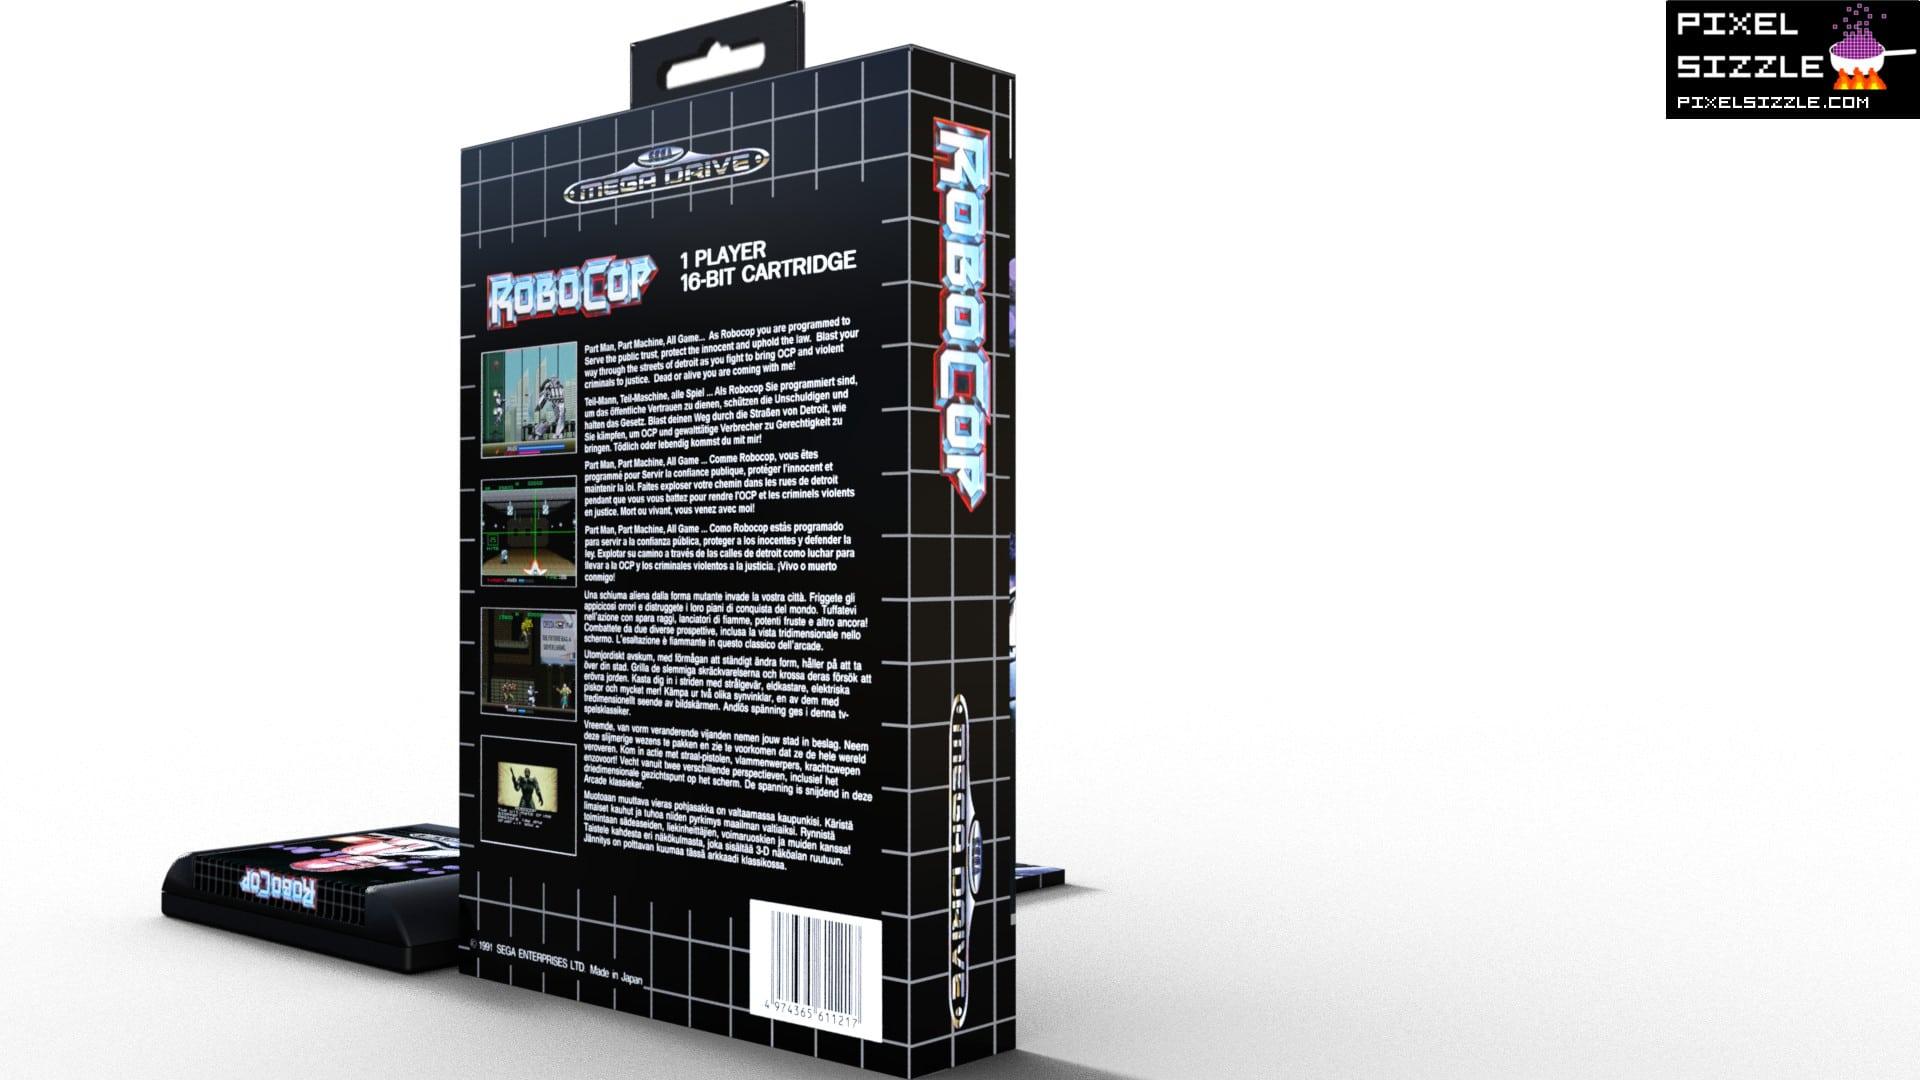 Retro Game Reviews. Robocop. Sega Genesis. Sega Megadrive